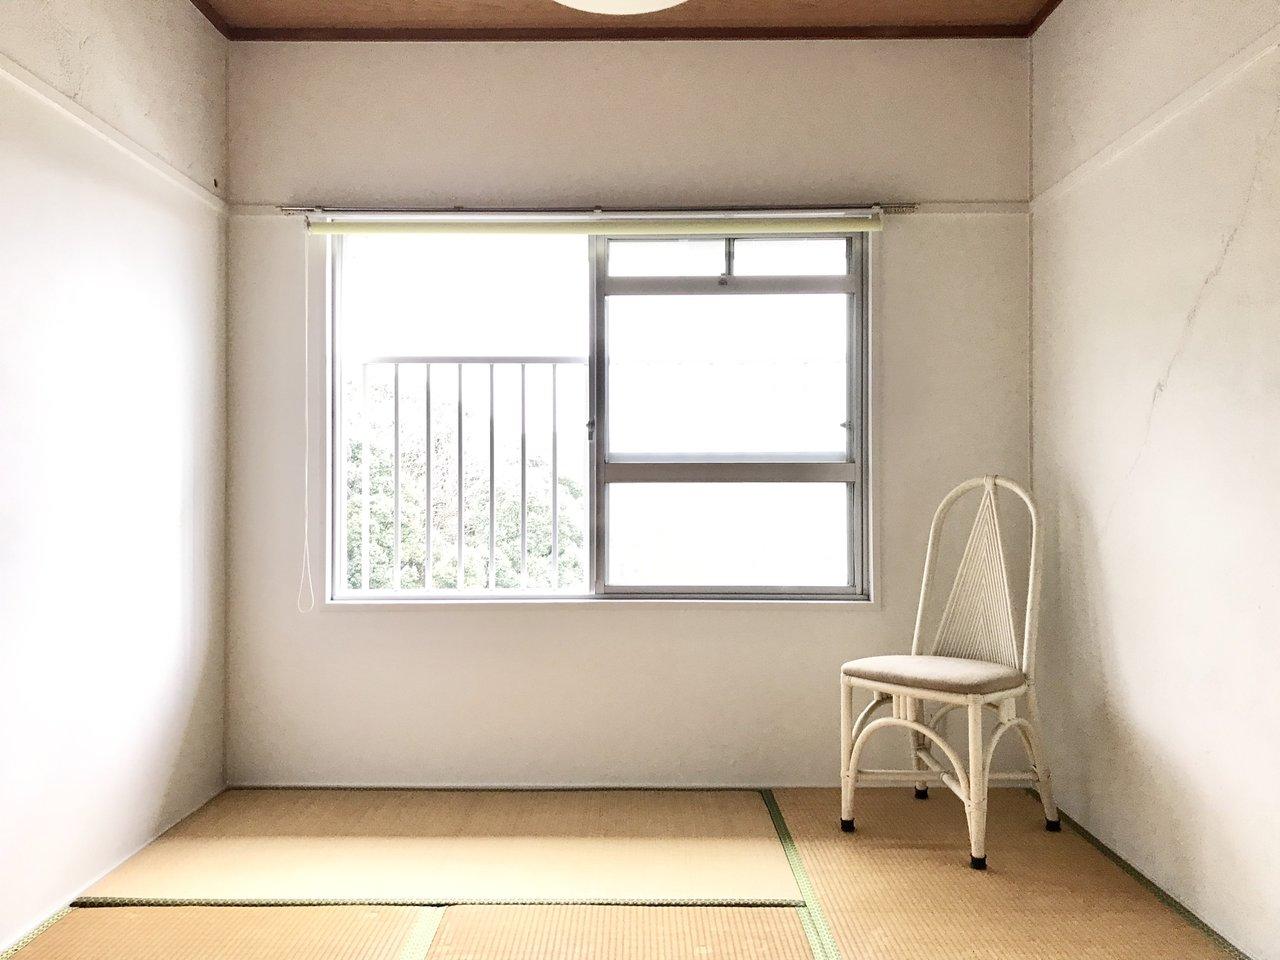 2部屋ある居室のうち、ひとつはあえて畳を残しています。この雰囲気、なんとも落ち着きますね。